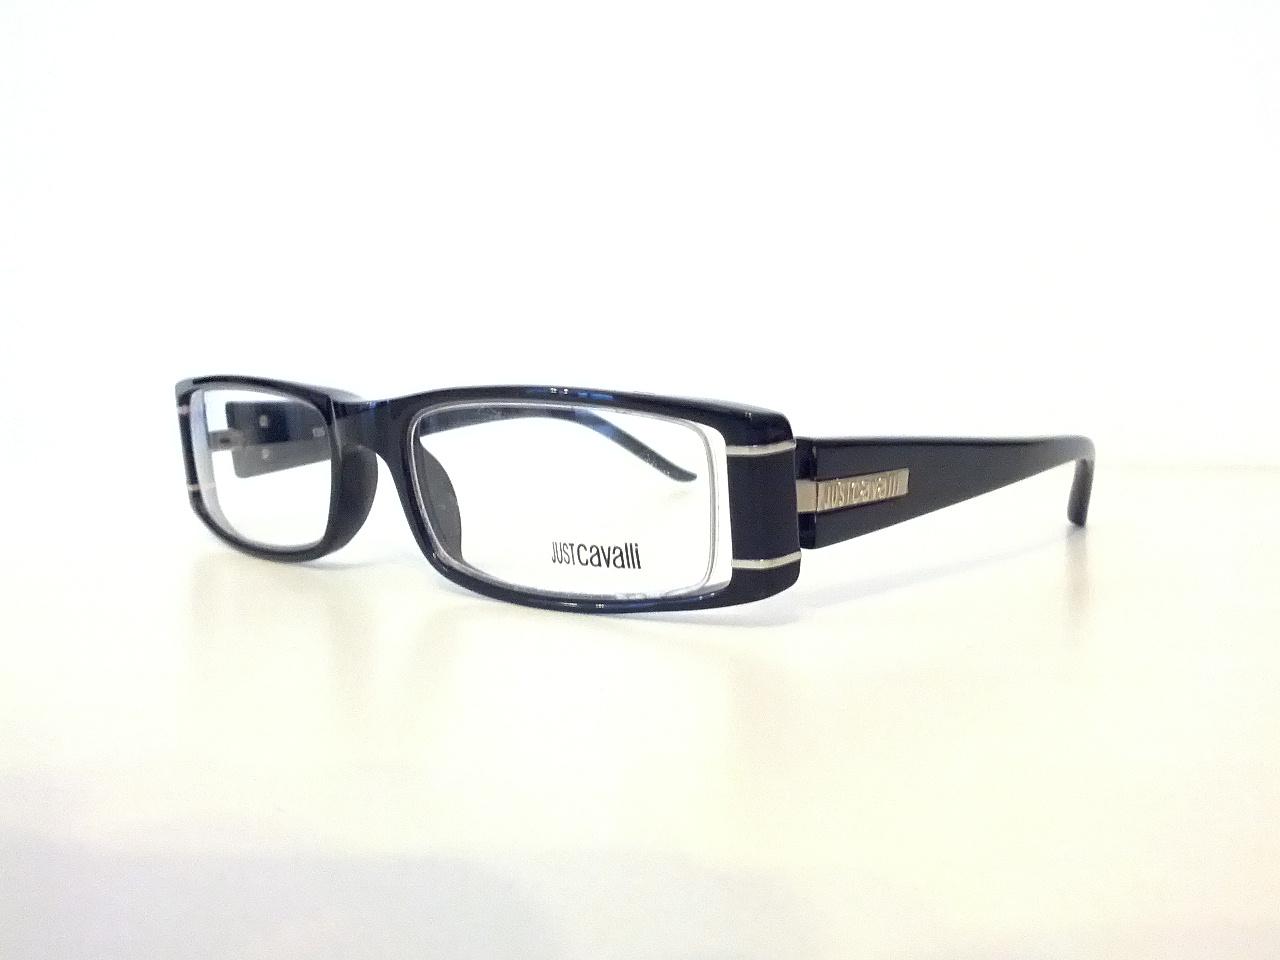 8e5d916b8f6920 Ottica PT11 Vendita online di occhiali da sole e da vista - JUST ...